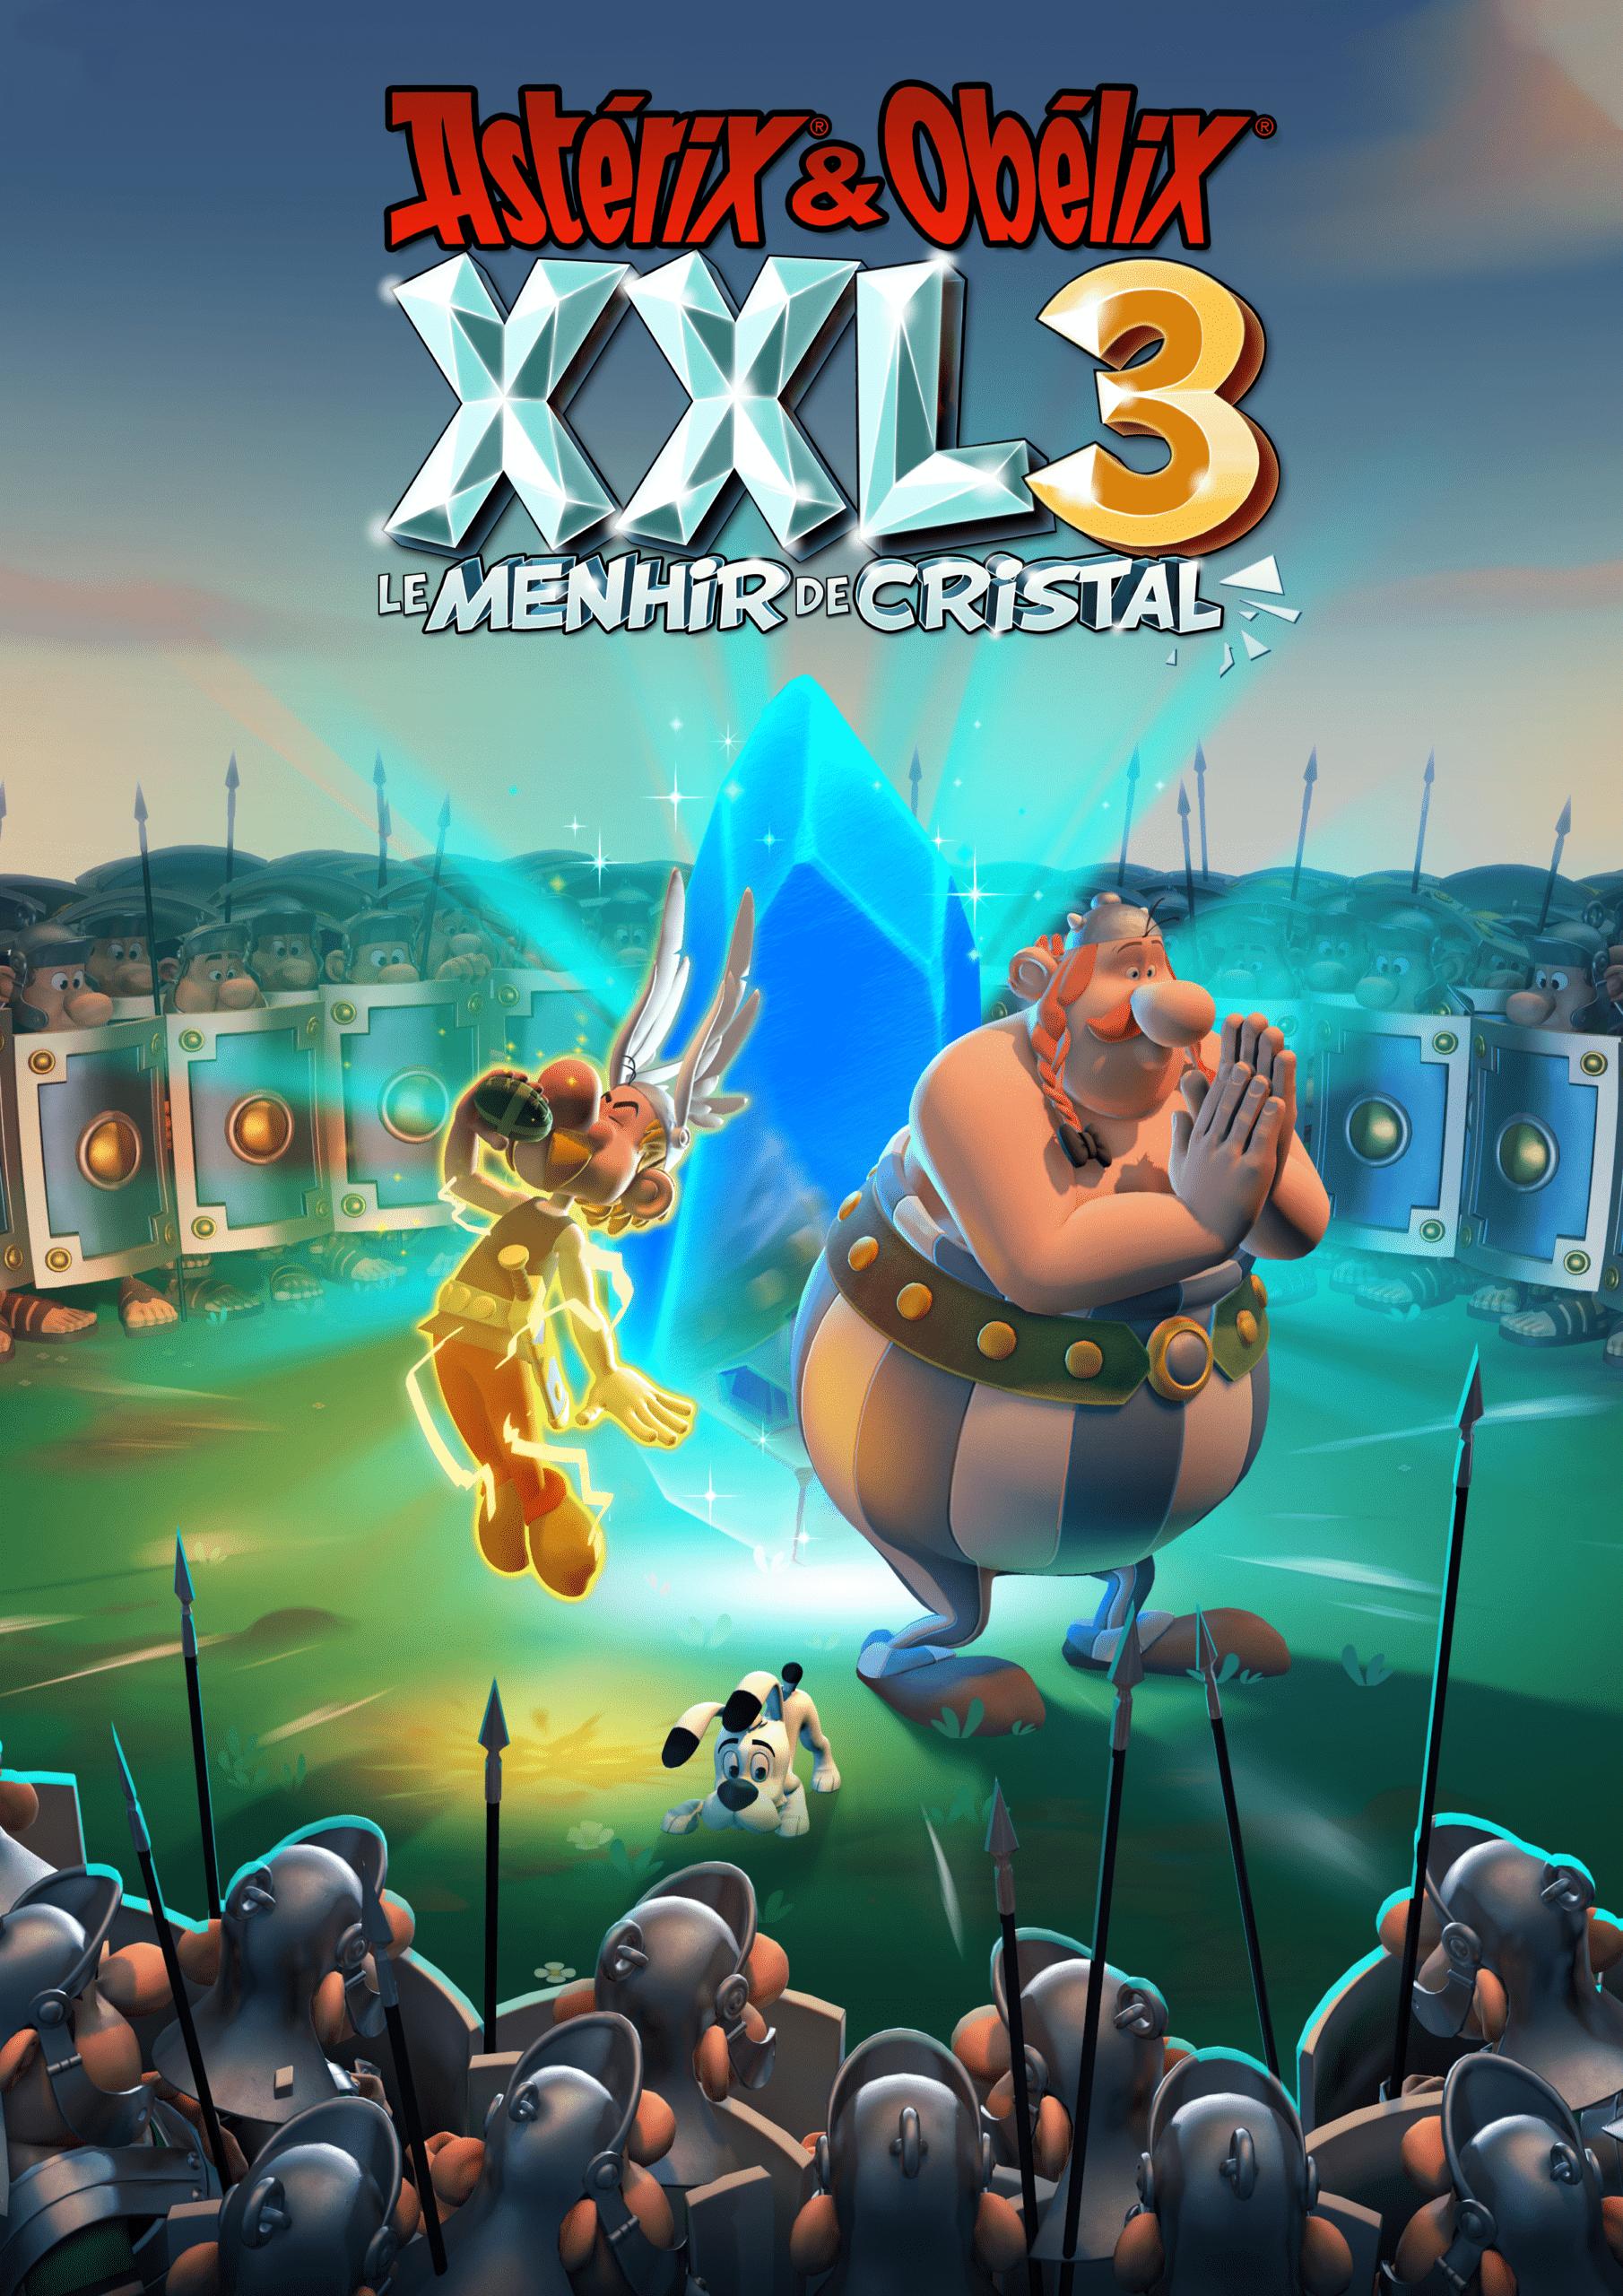 Astérix et Obélix XXL3: Le Menhir de Cristal sortira en novembre 2019